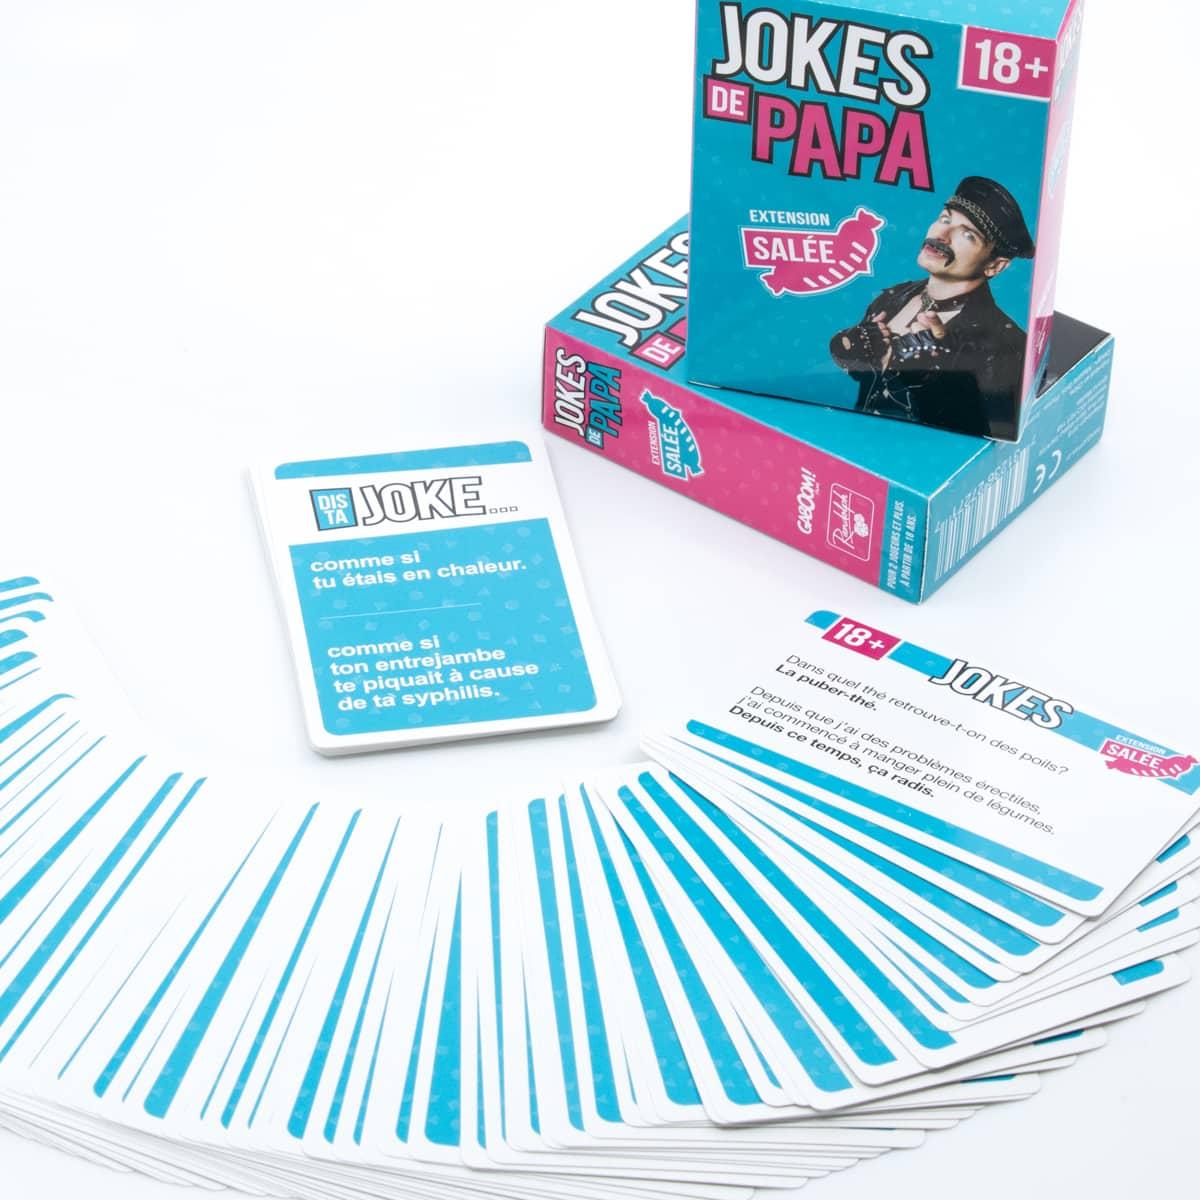 Jokesdepapasalee1